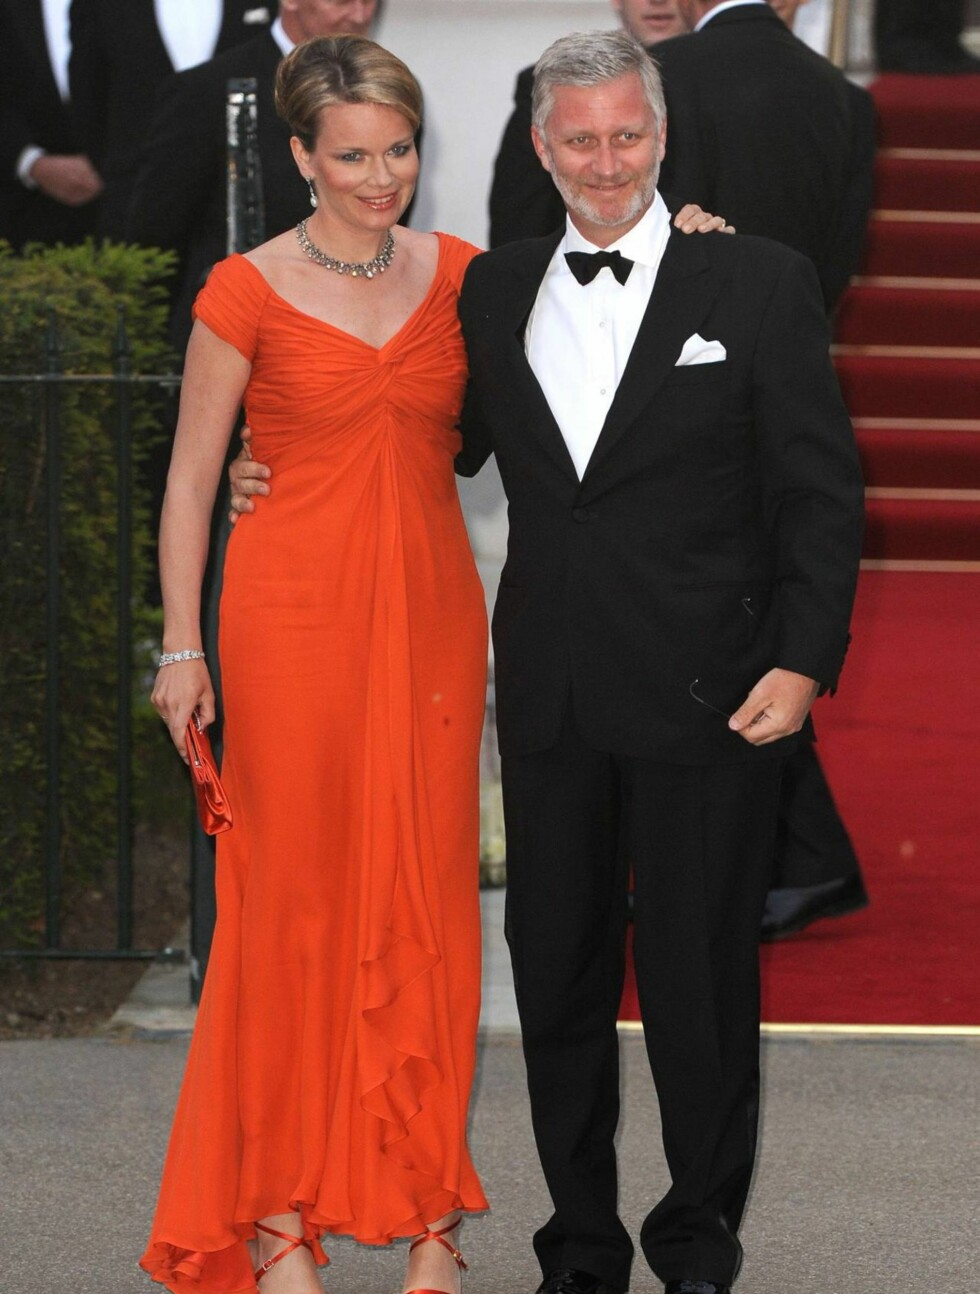 PÅ FEST I RØDT: Belgias kronprins Philippe og hans kone kronprinsesse Mathilde. Foto: Stella Pictures